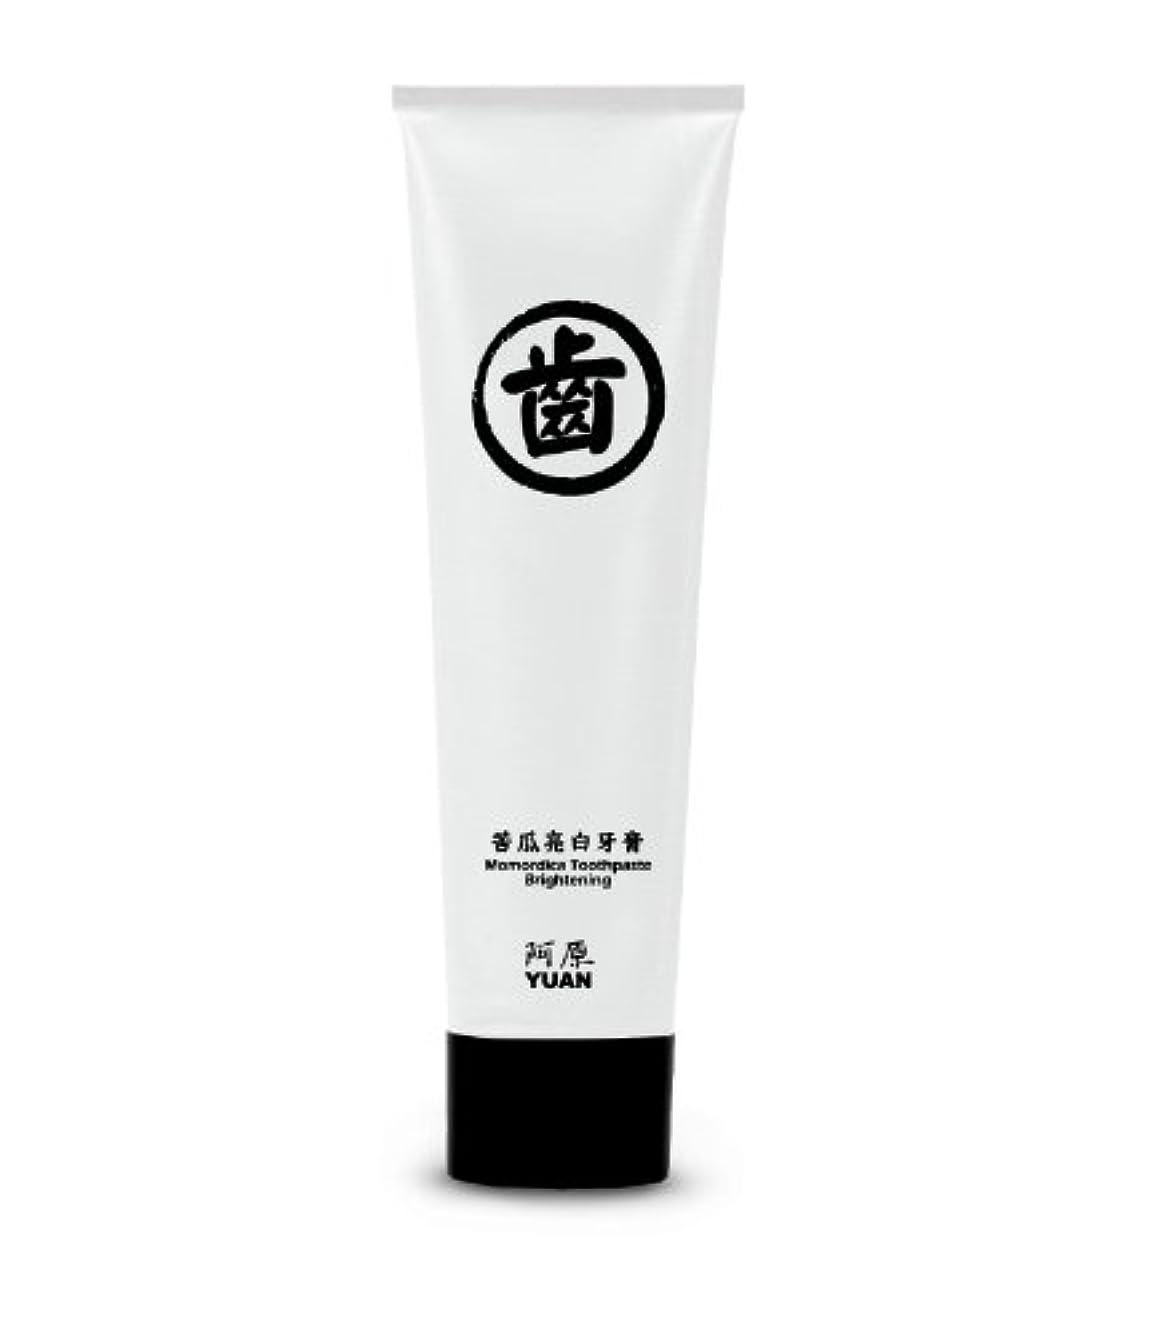 倍増少数少ないユアン(YUAN) にがうり歯みがきペーストホワイトニング 75g (阿原 ユアン 歯磨き粉)